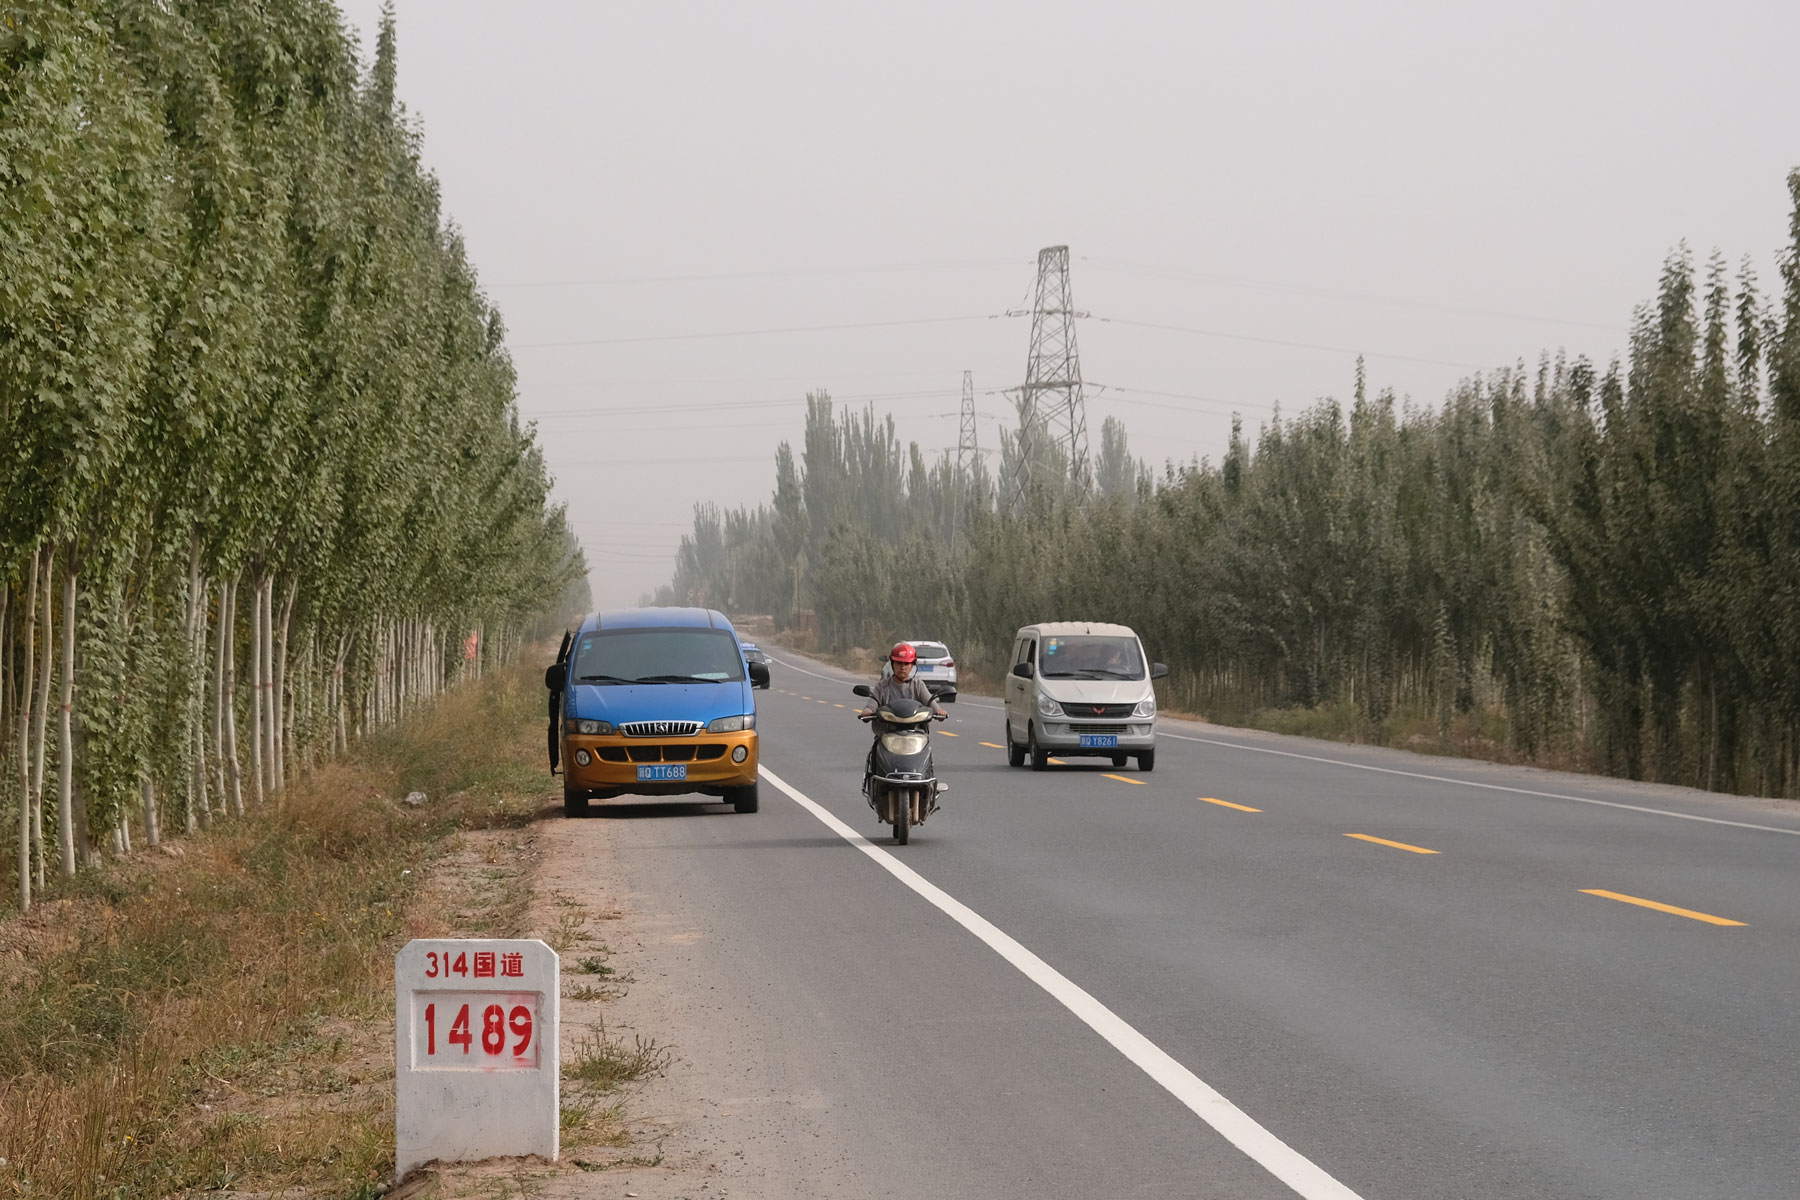 Auf überraschend guten Straßen geht die Fahrt weiter in Richtung Süden